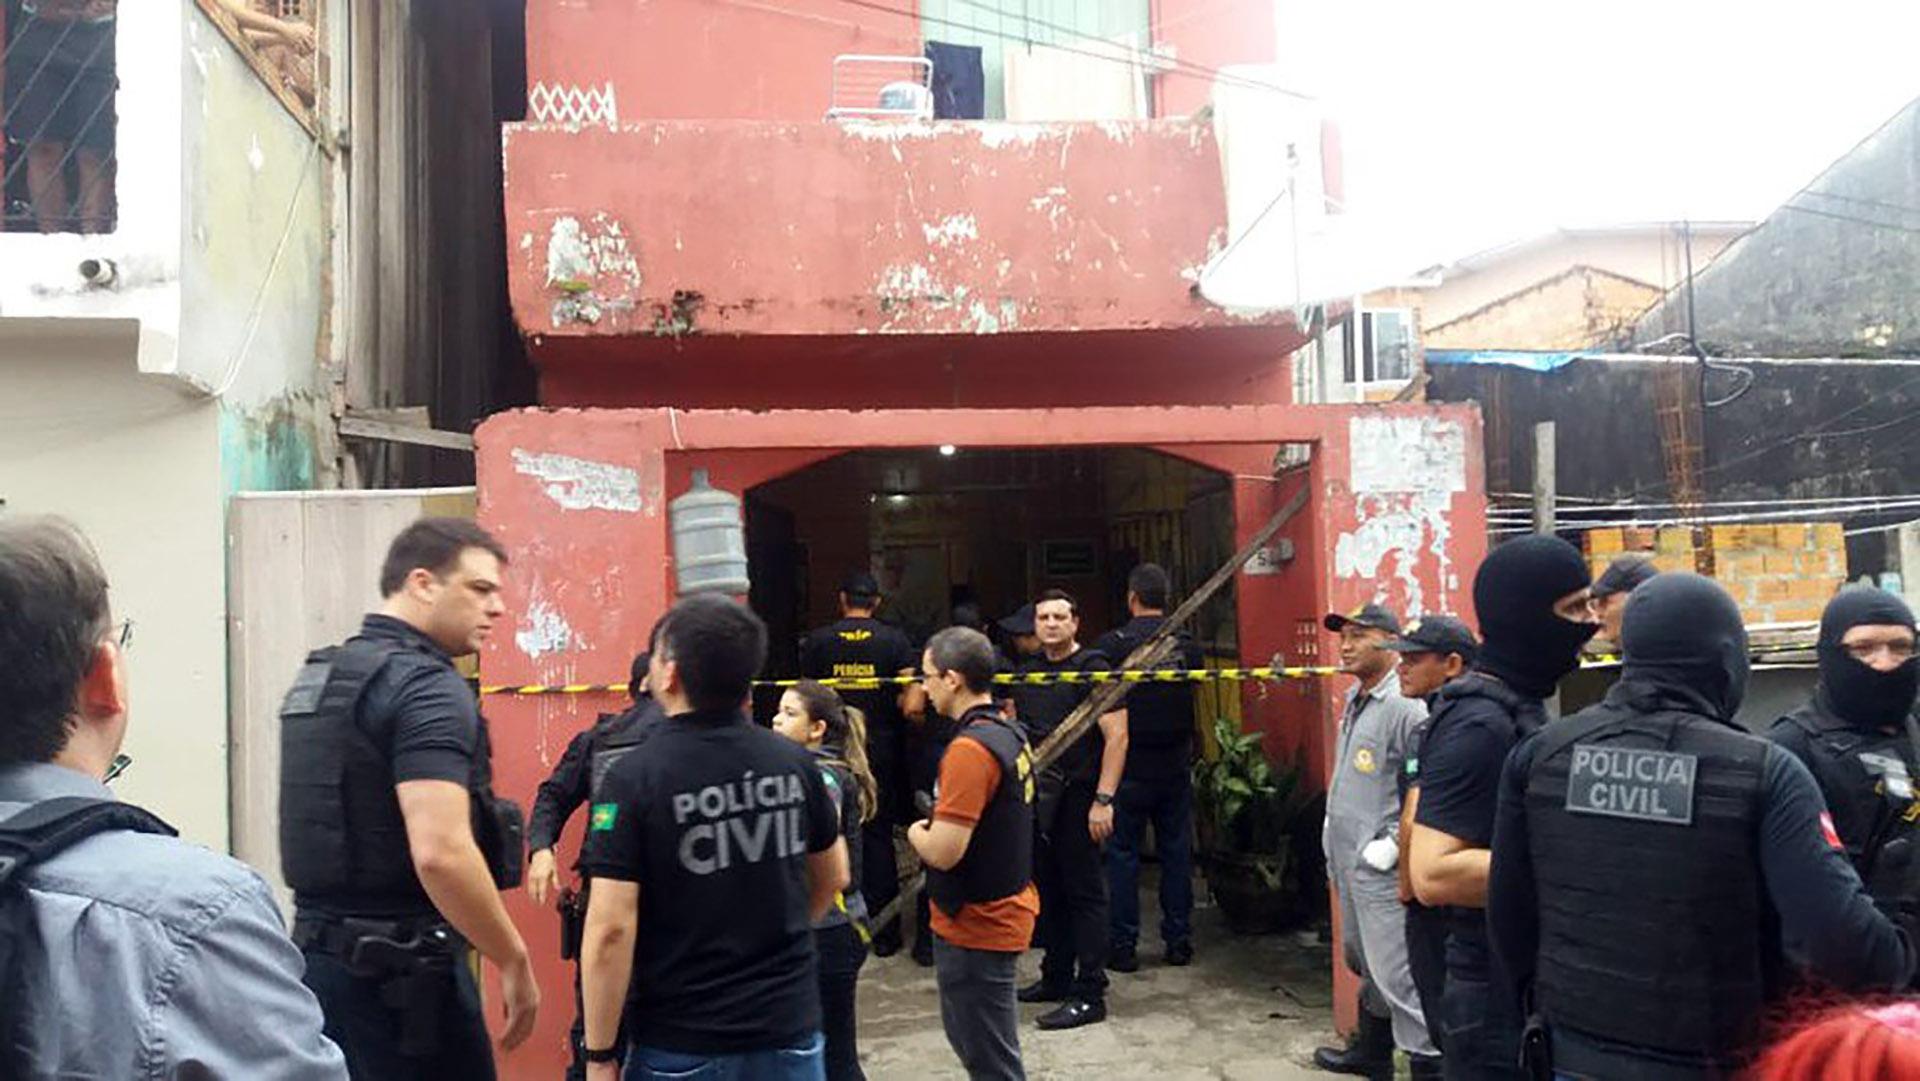 La policía investiga las causas del ataque armado (Jalilia Messias)